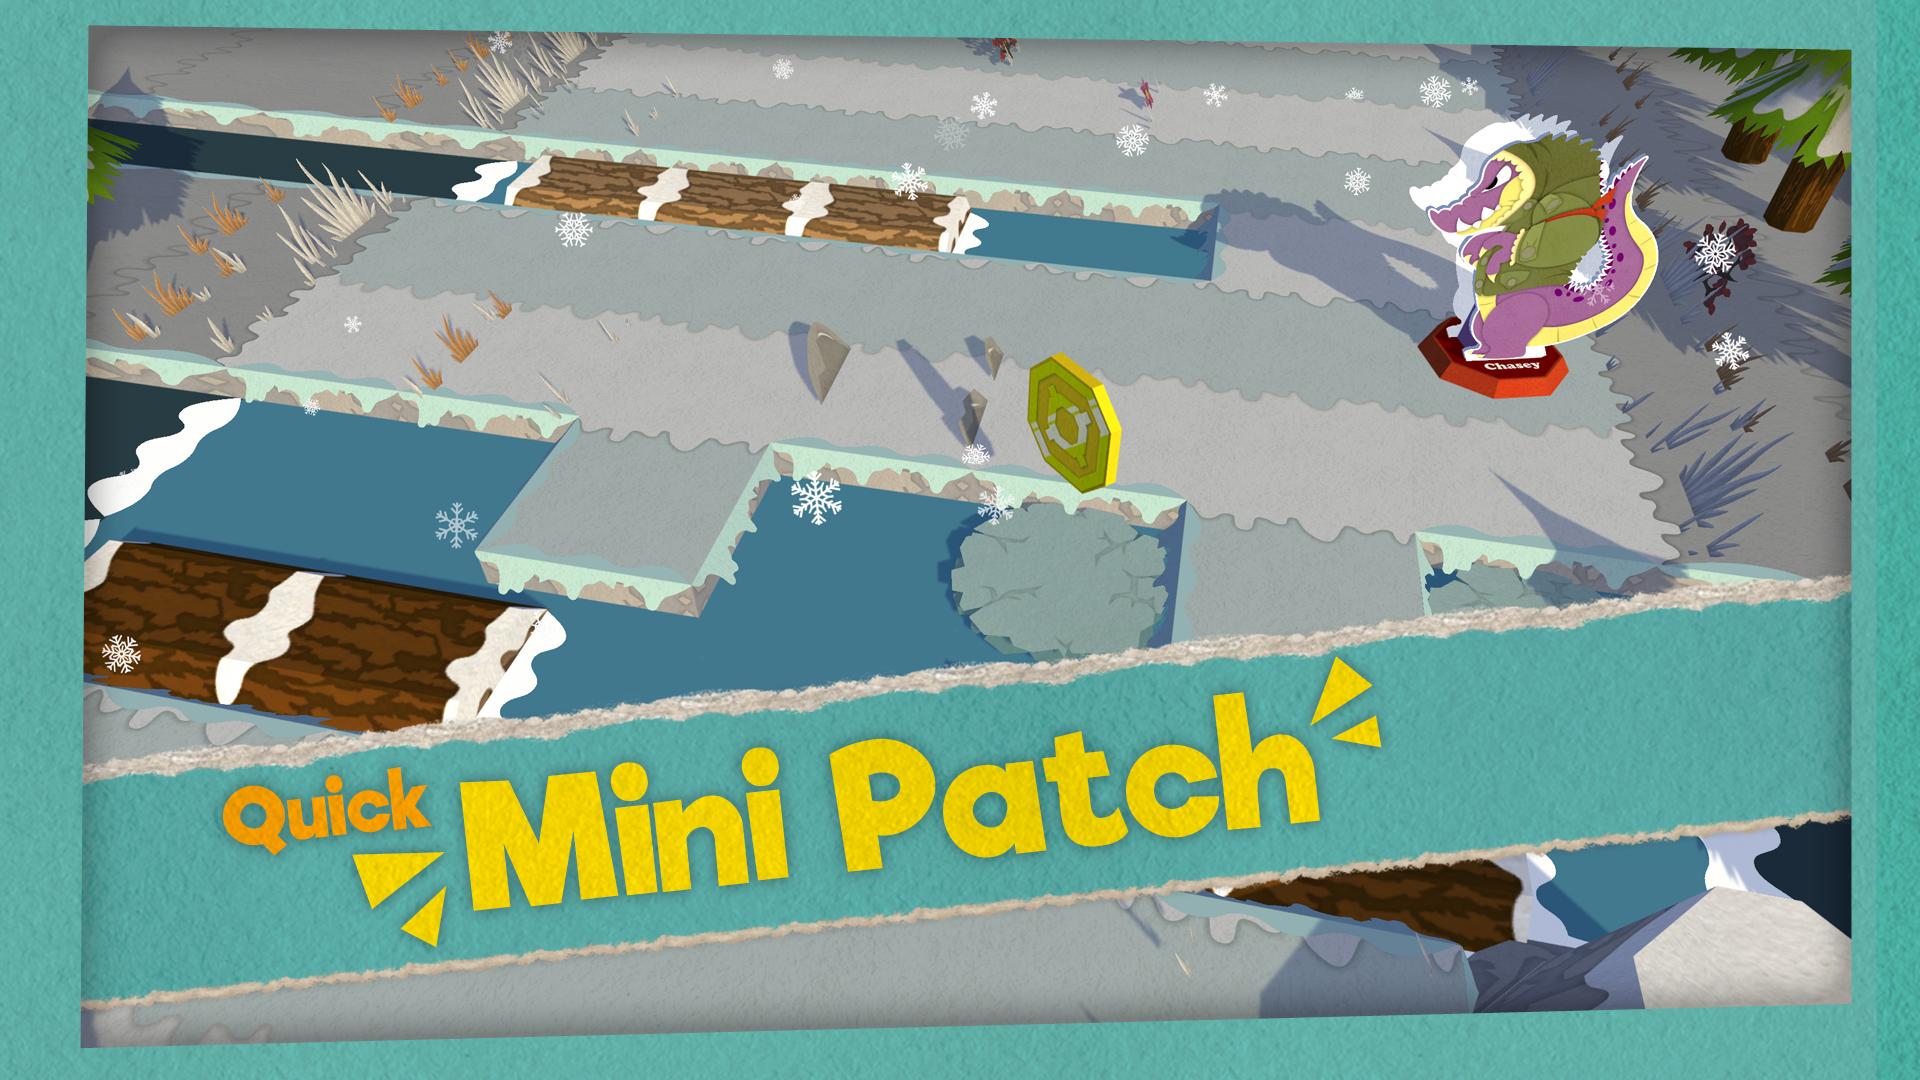 MiniPatch